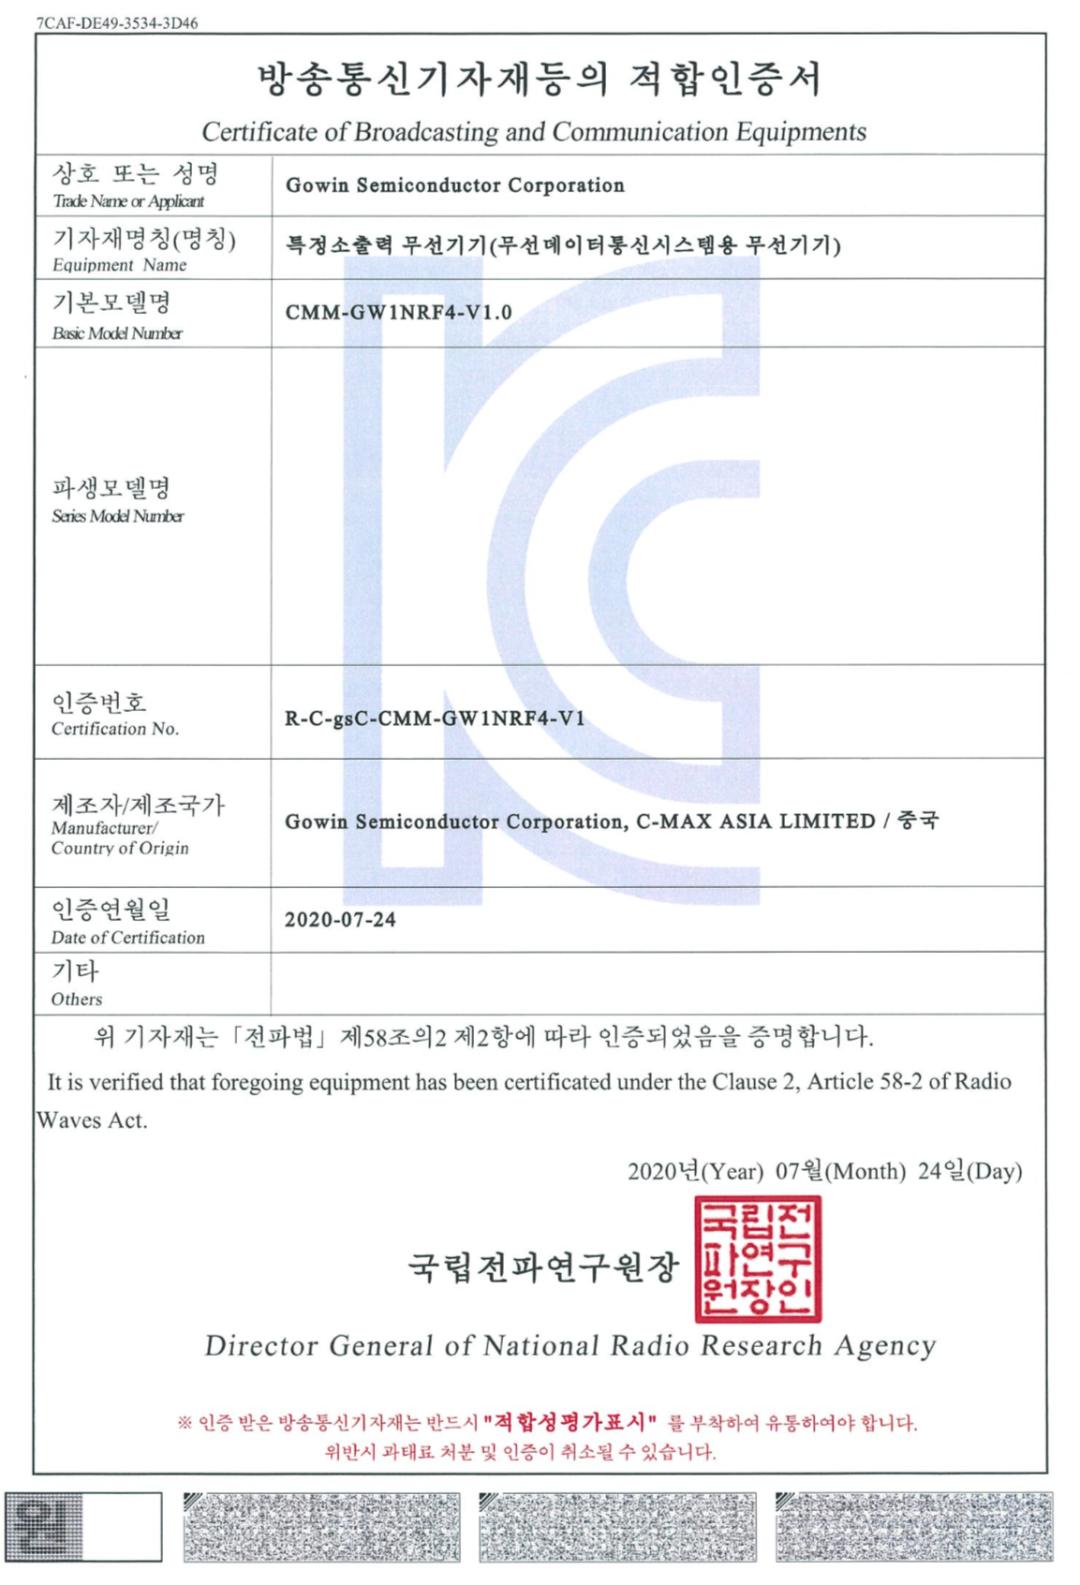 高云半导体的低功耗μSOC FPGA蓝牙模块通过韩国认证